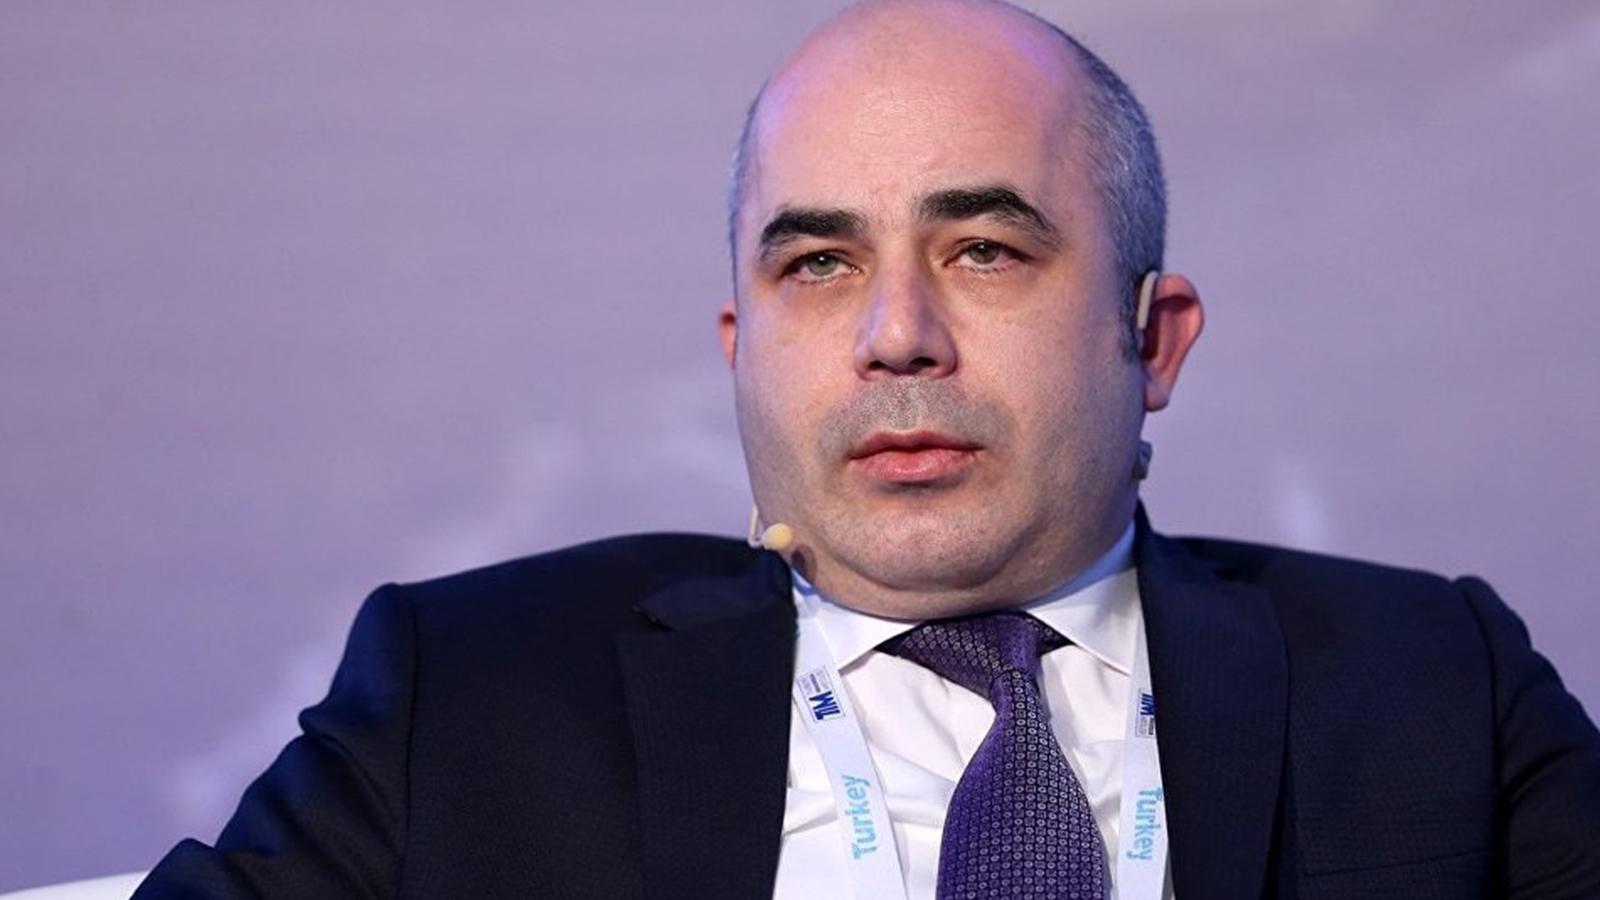 Yeni Merkez Bankası Başkanı'ndan ilk açıklama: İletişim kanallarını üst düzeyde kullanacağım